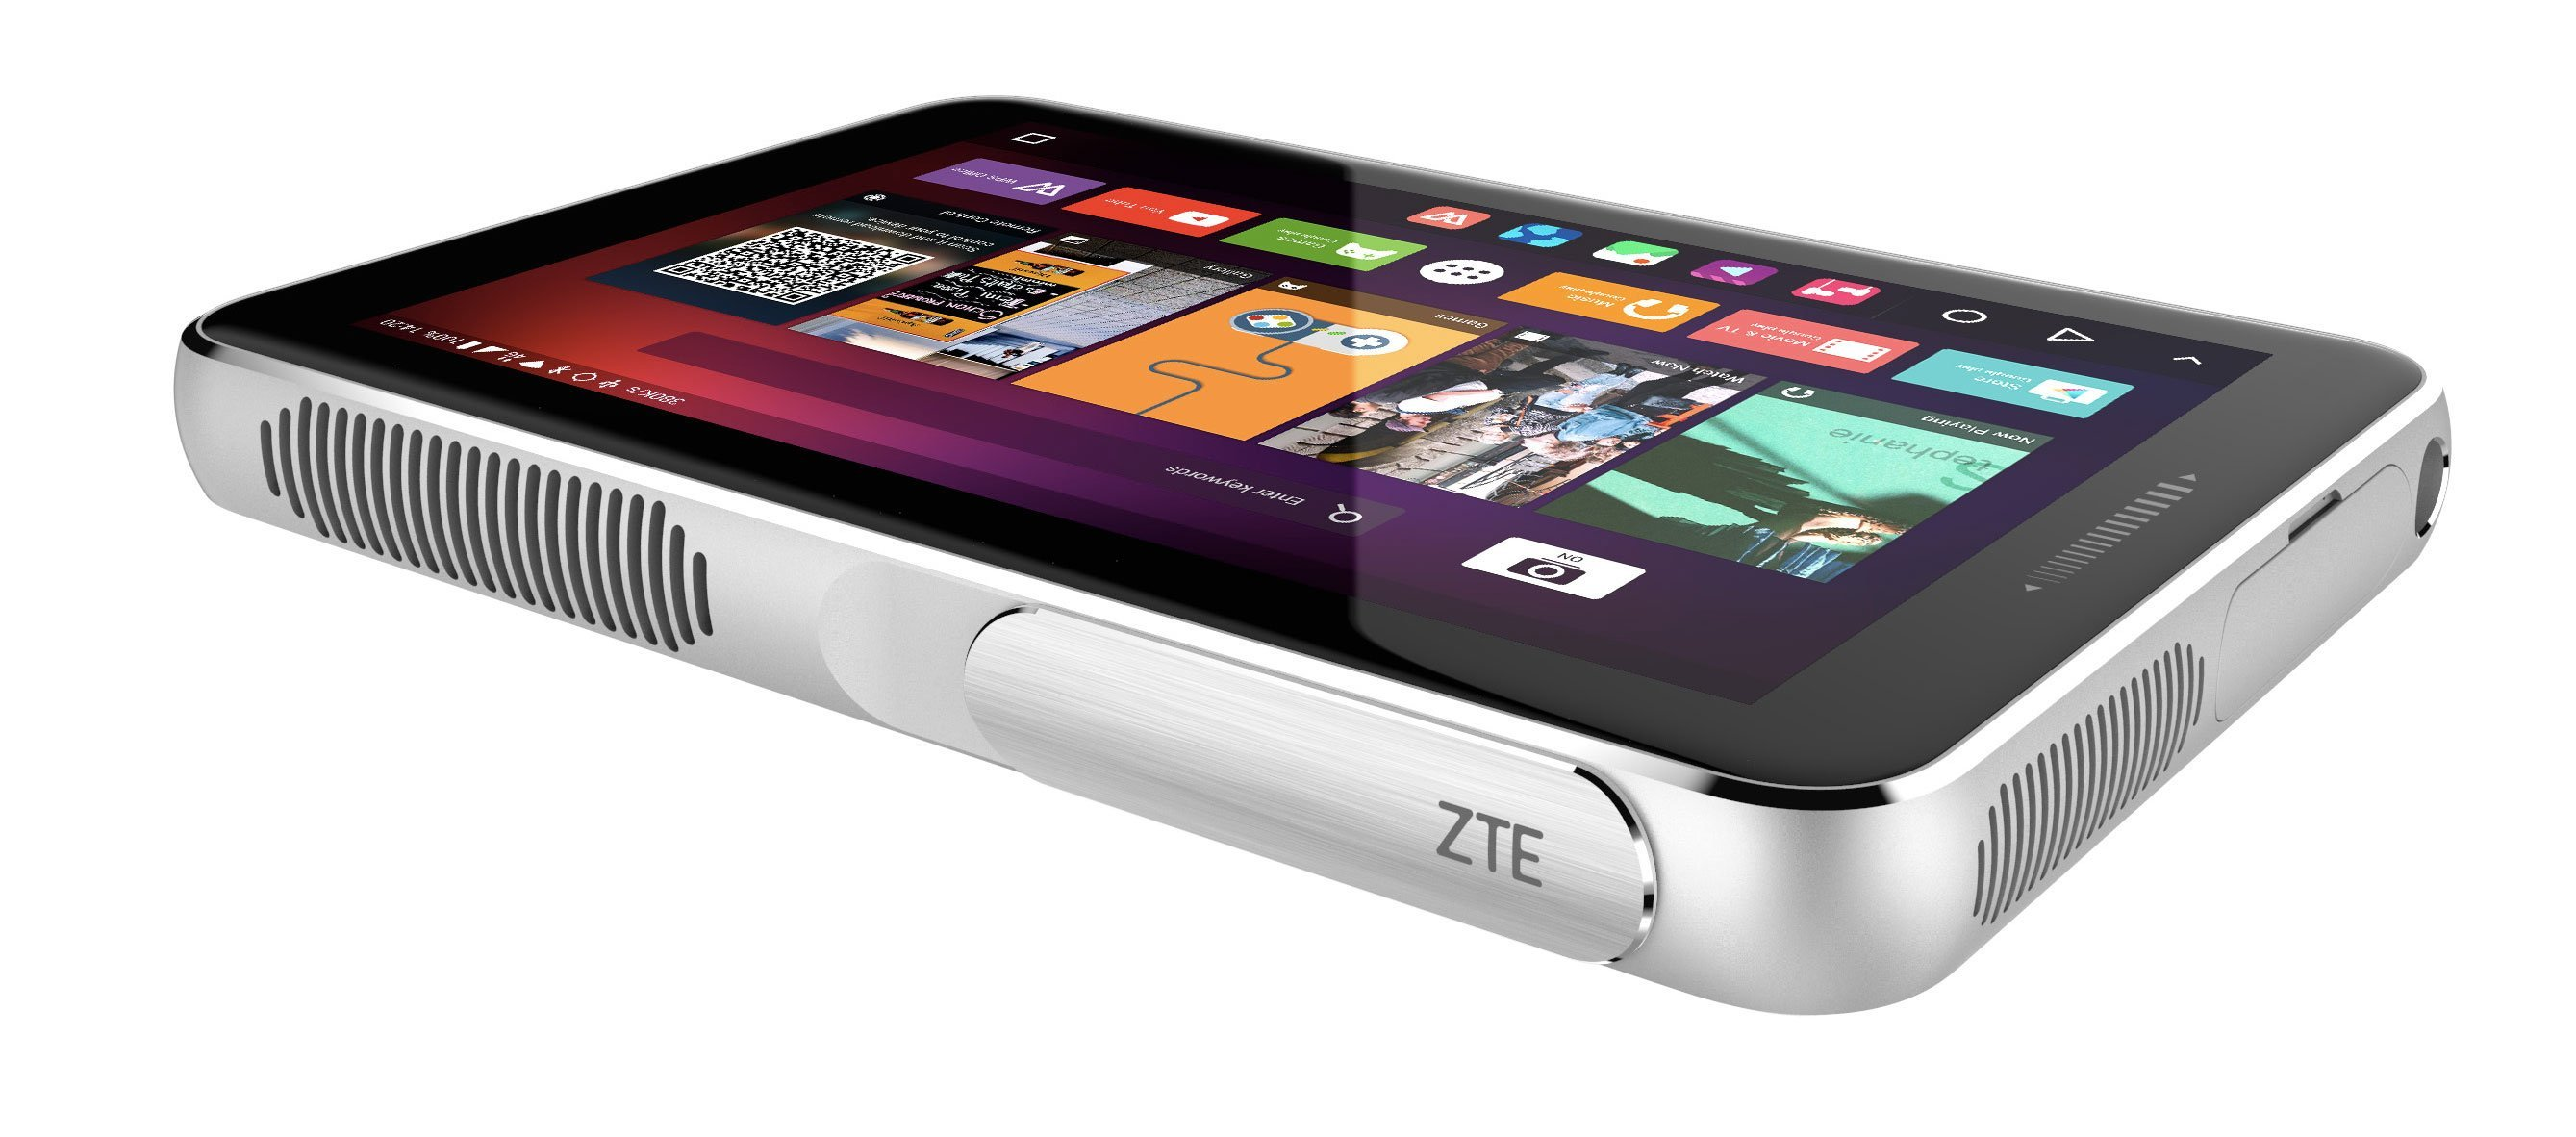 Vidéo : notre prise en main de la tablette ZTE Spro Plus